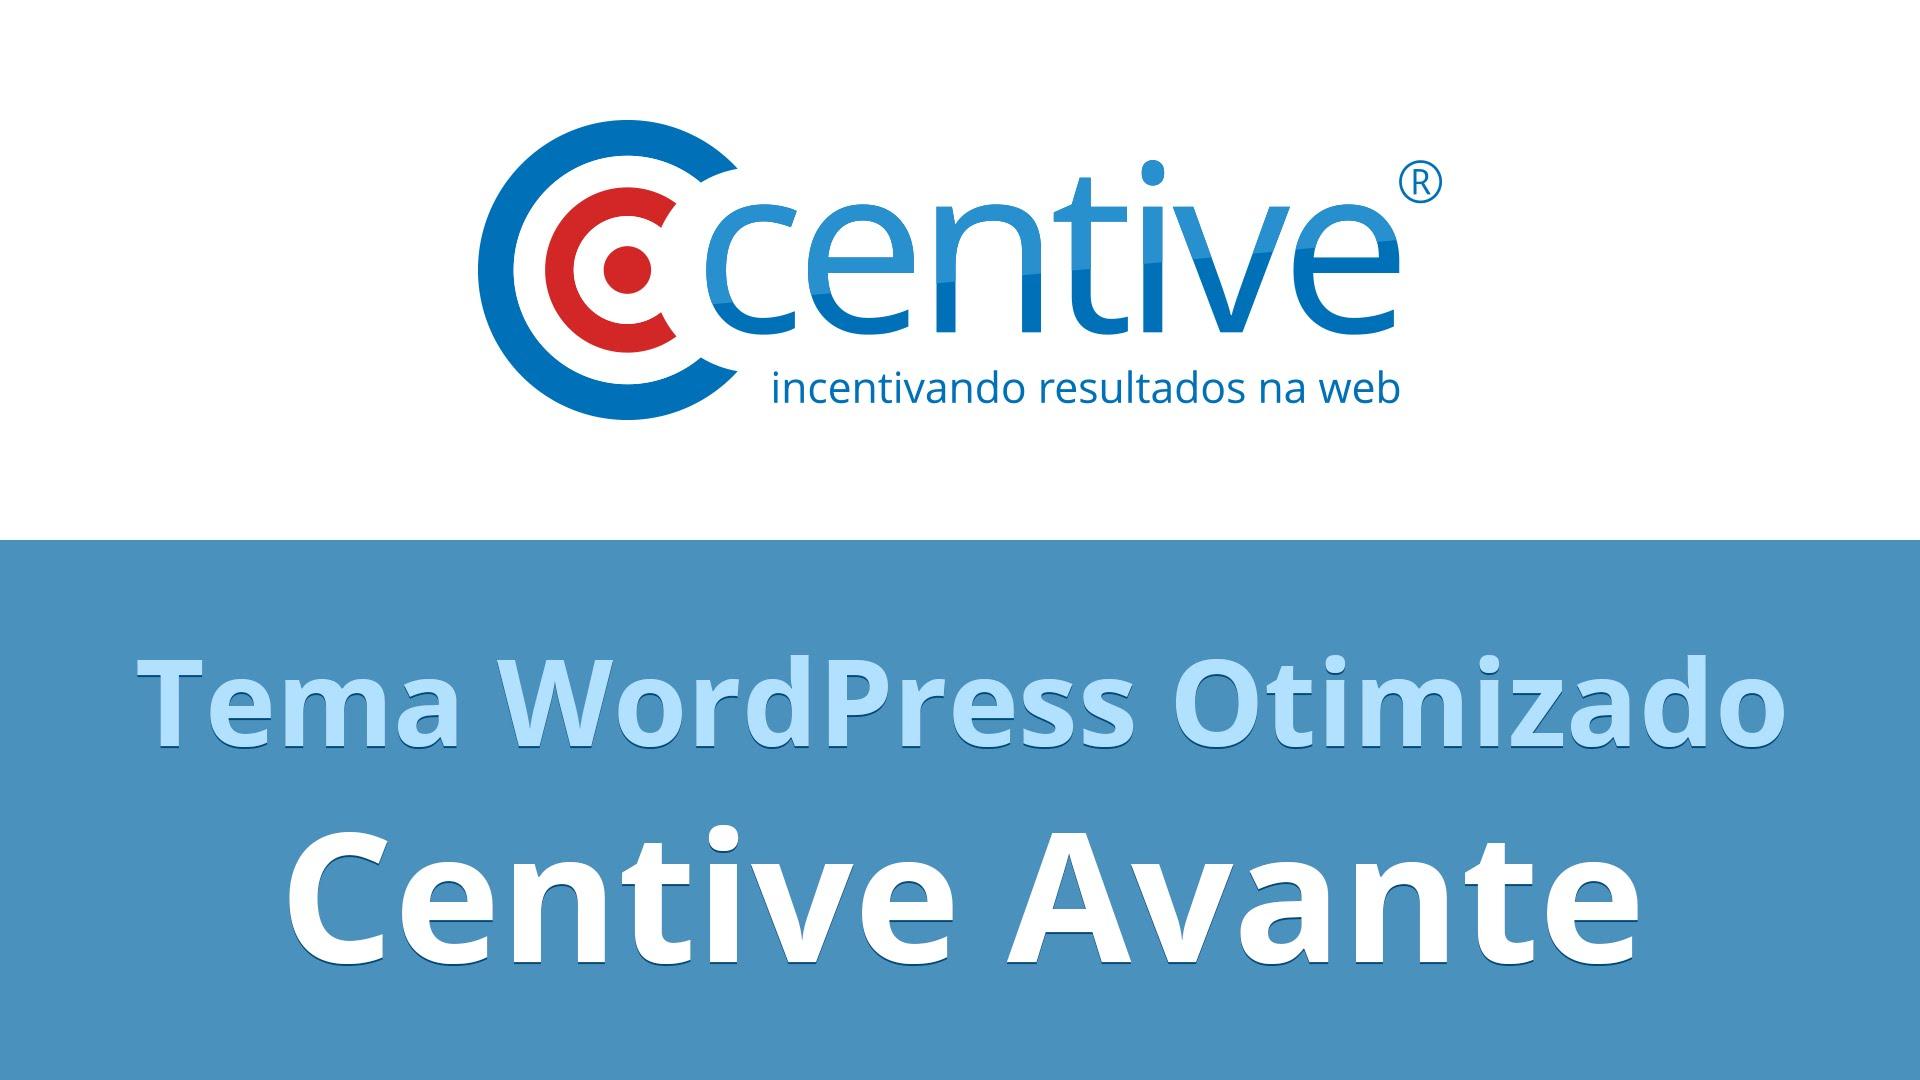 centive-curso-internet-seo criação de sites